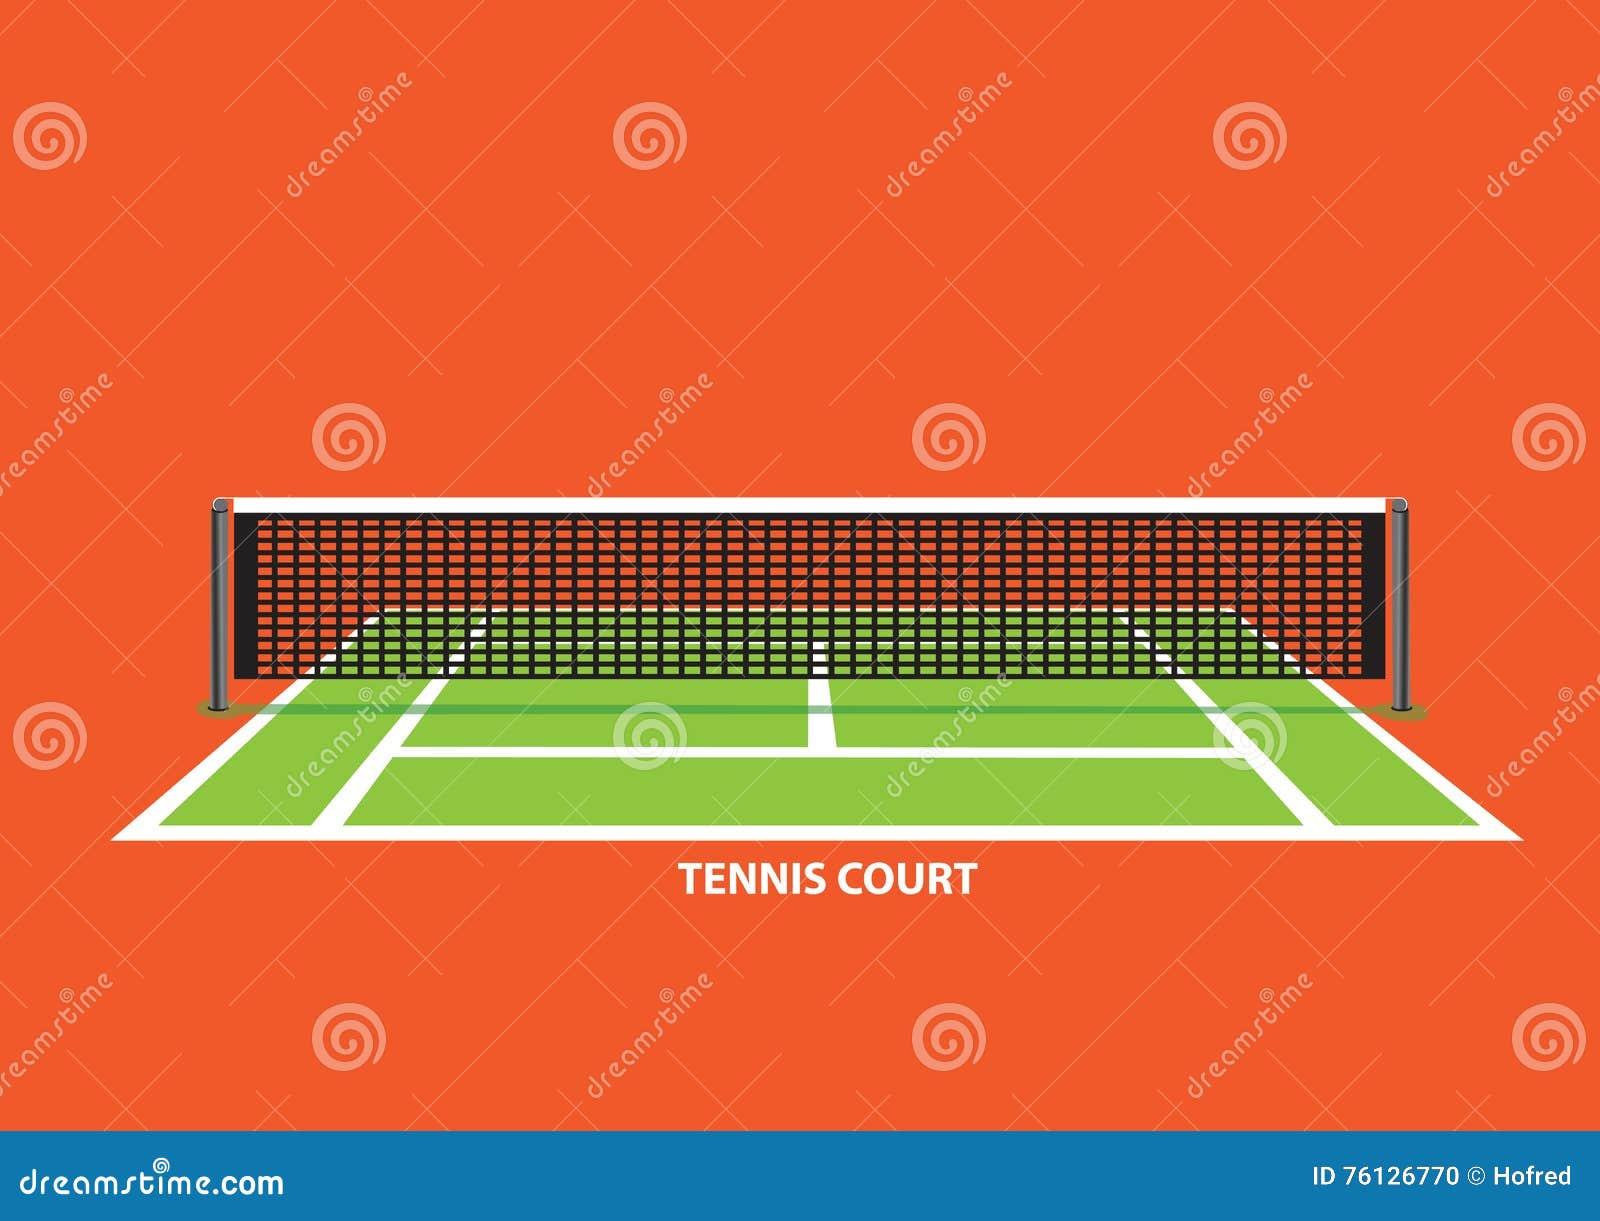 Tennis Court Net Stock Illustrations – 1,607 Tennis Court ... Tennis Net Vector